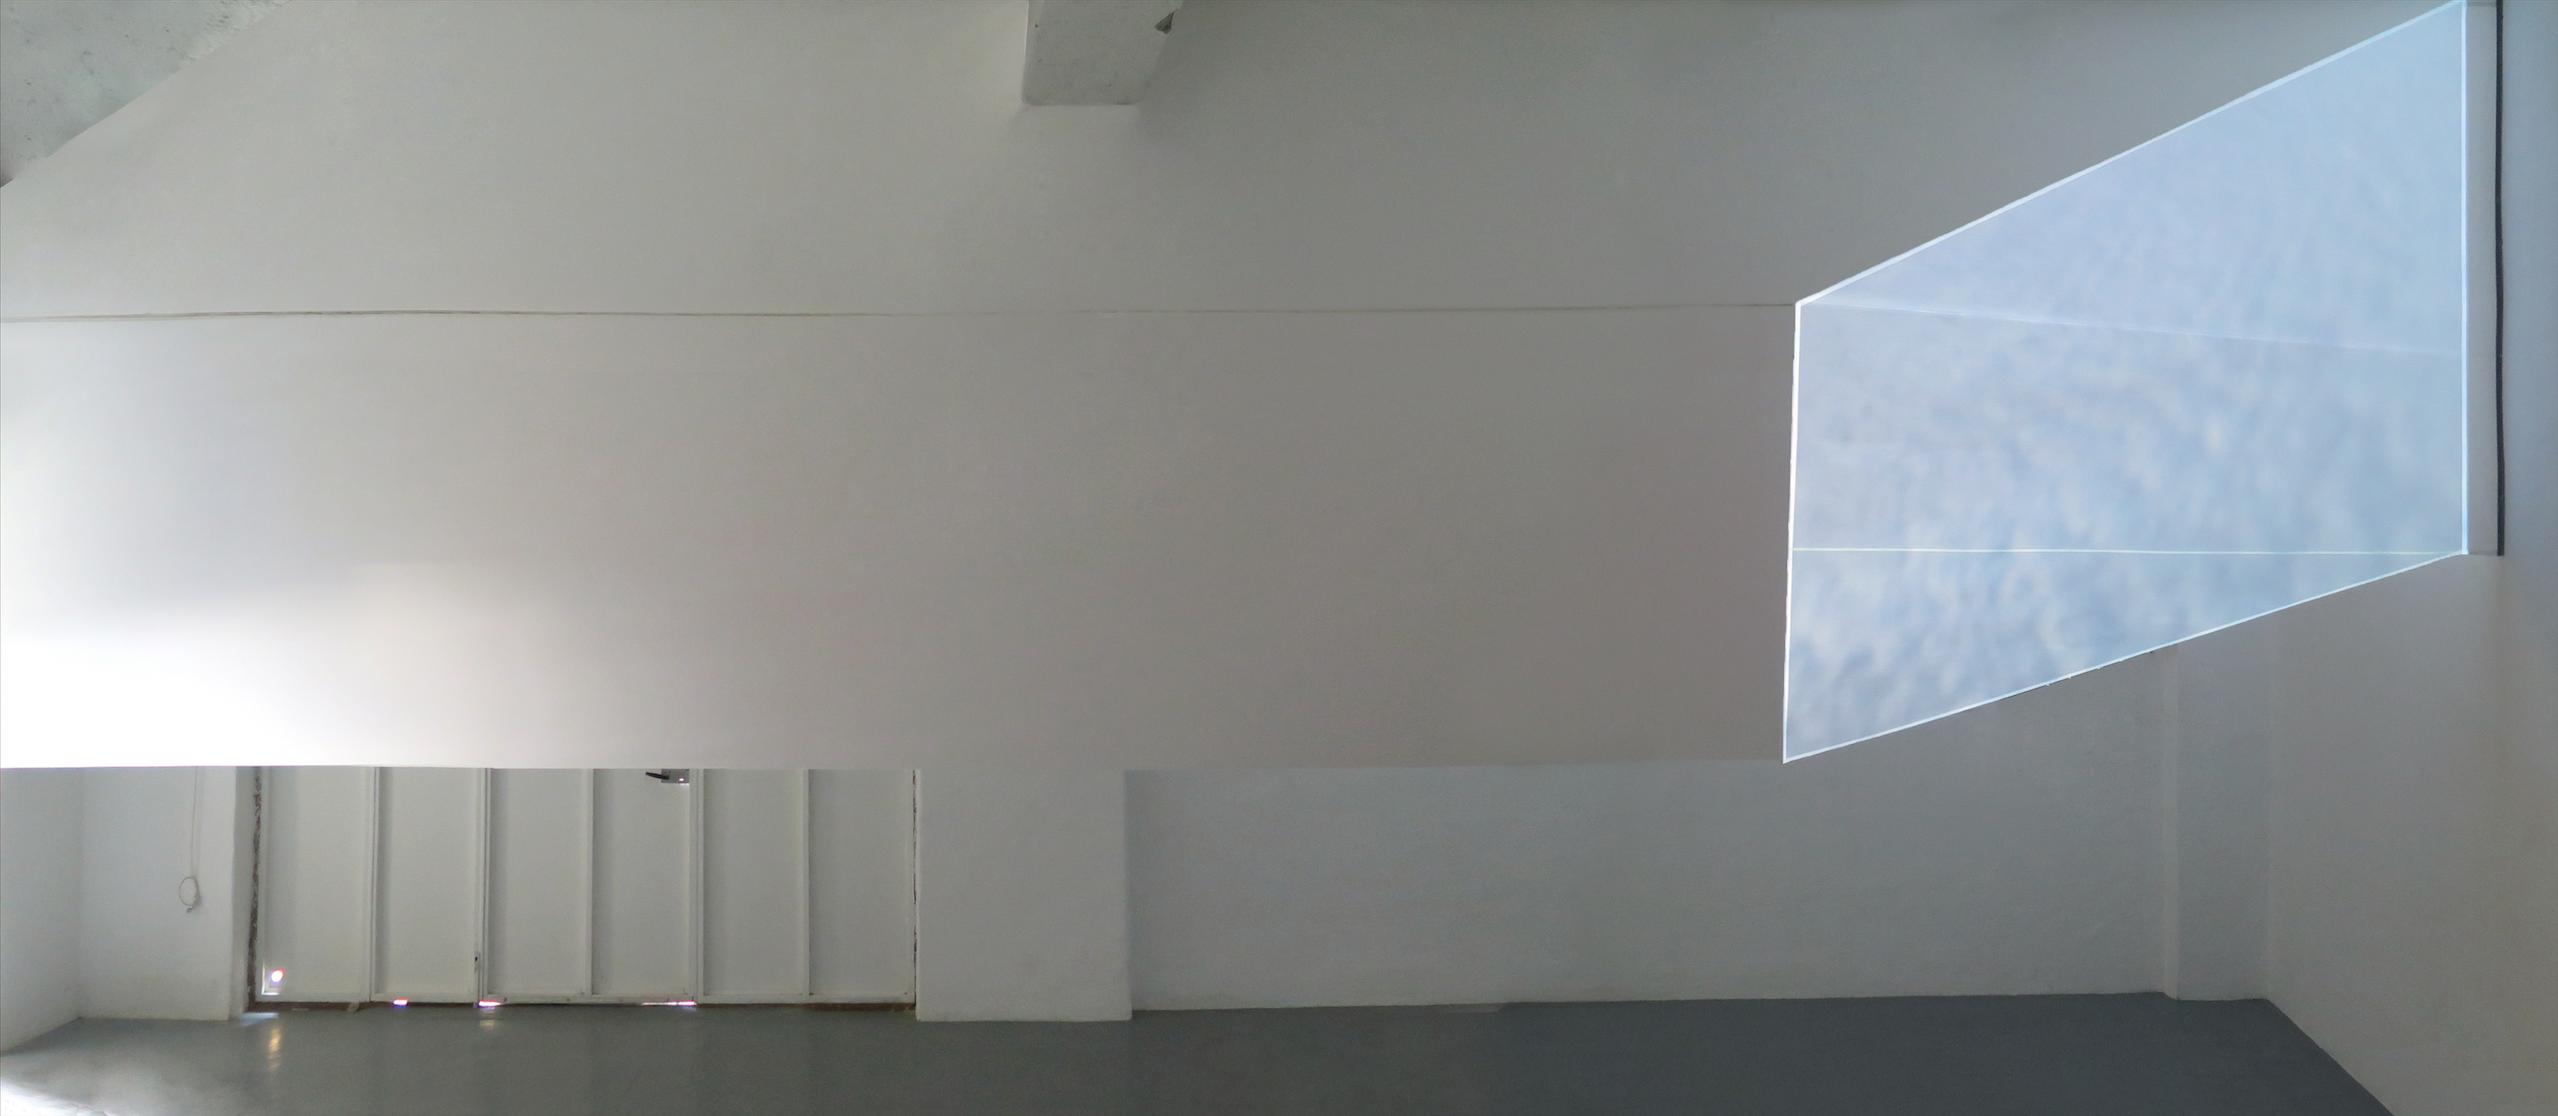 wall focus   2016, sinta y video-instalacion sobre papel vegetal, 800x140cm, video loop